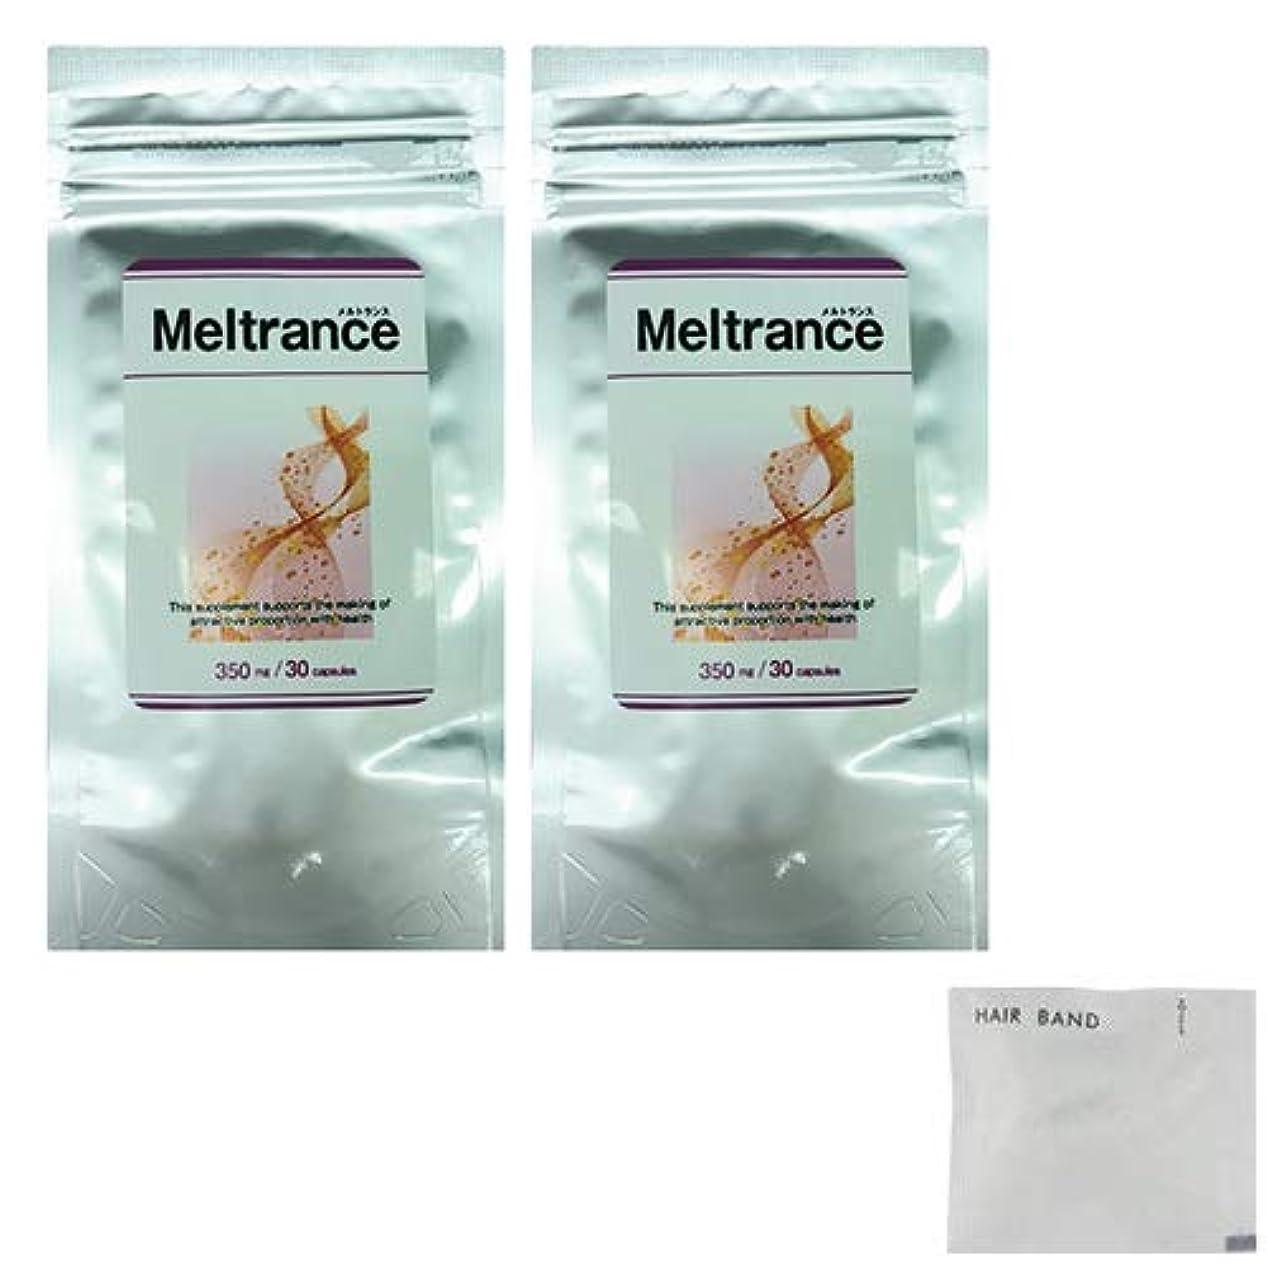 入浴加入ヘロインメルトランス(Meltrance) サプリメント 30粒×2個 + ヘアゴム(カラーはおまかせ)セット